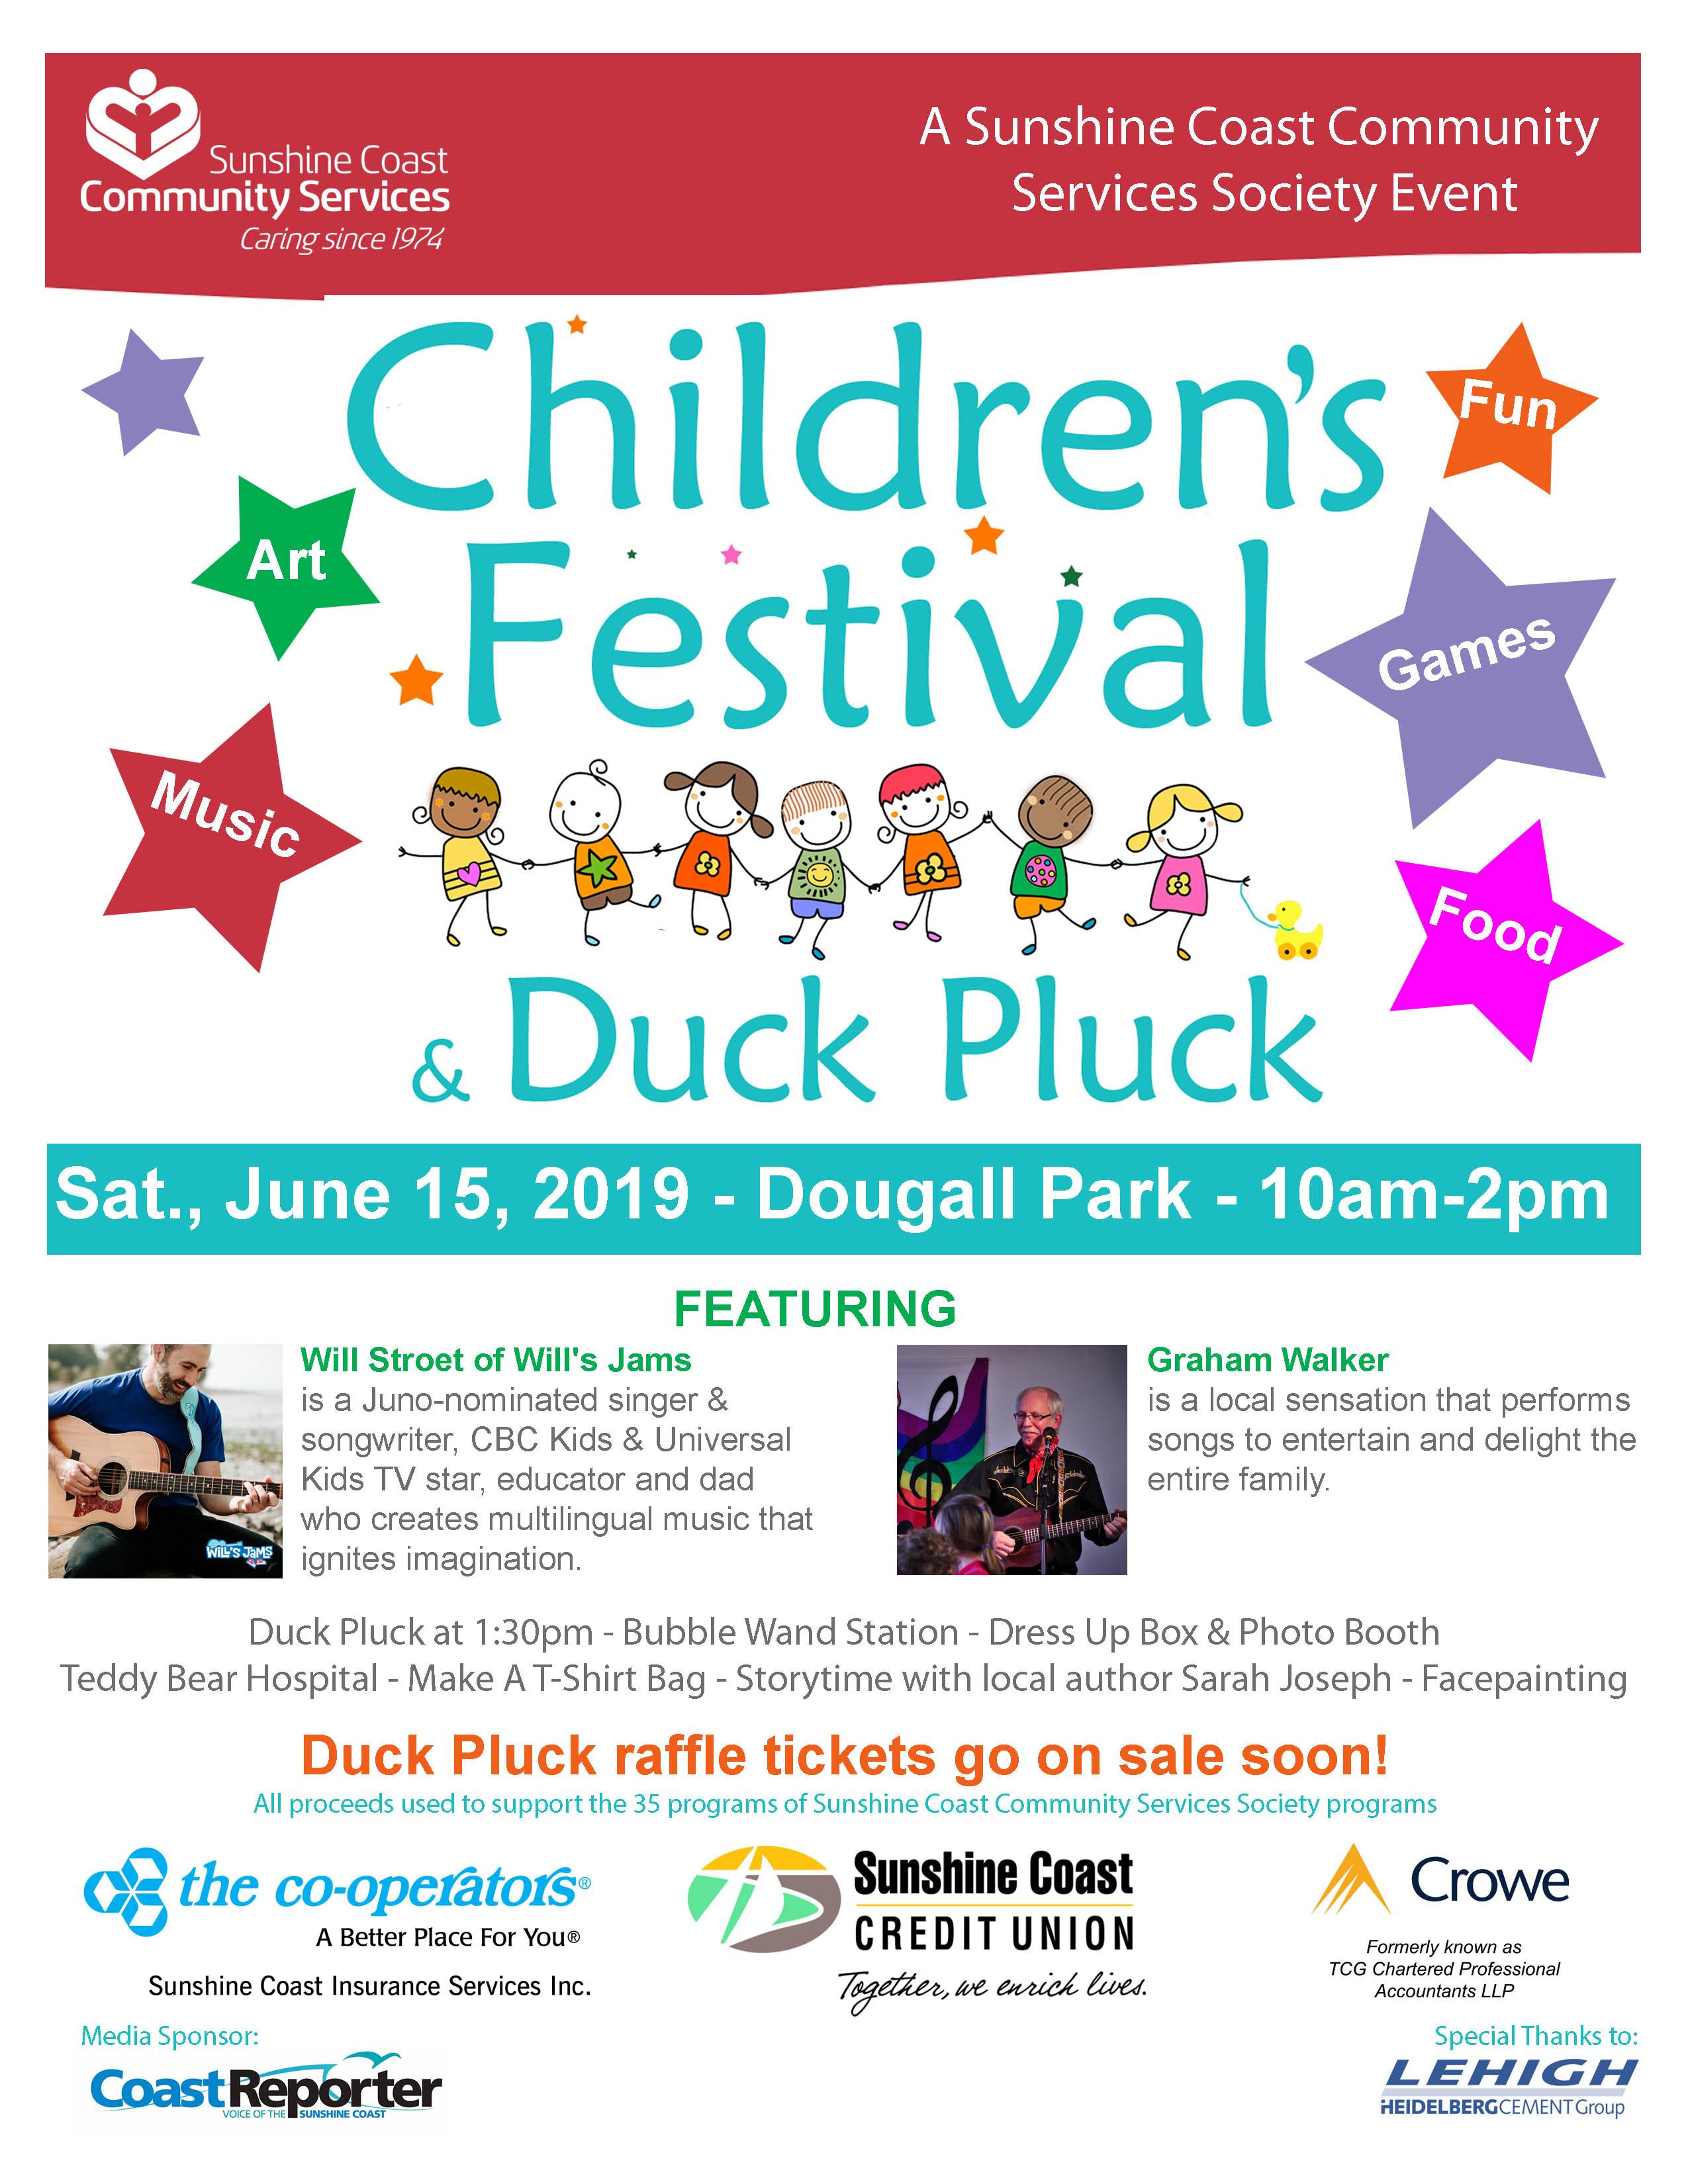 Children's Festival & Duck Pluck Returns June 15 :: Sunshine Coast